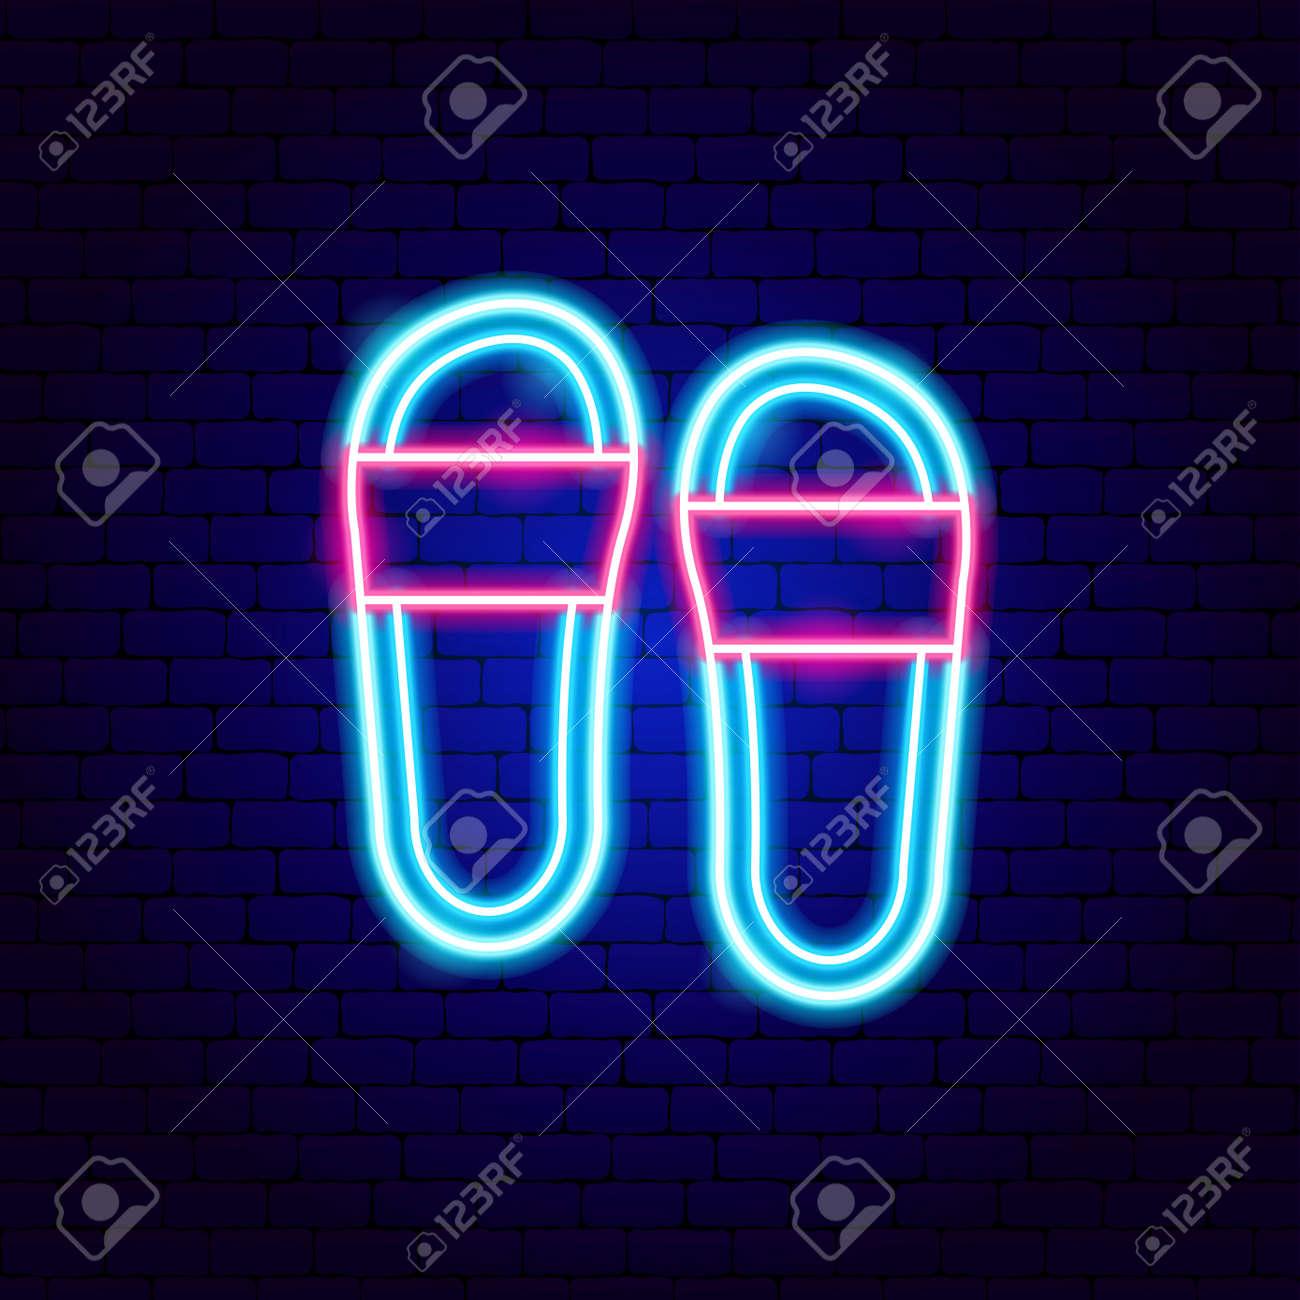 Flip Flops Neon Sign - 168963058